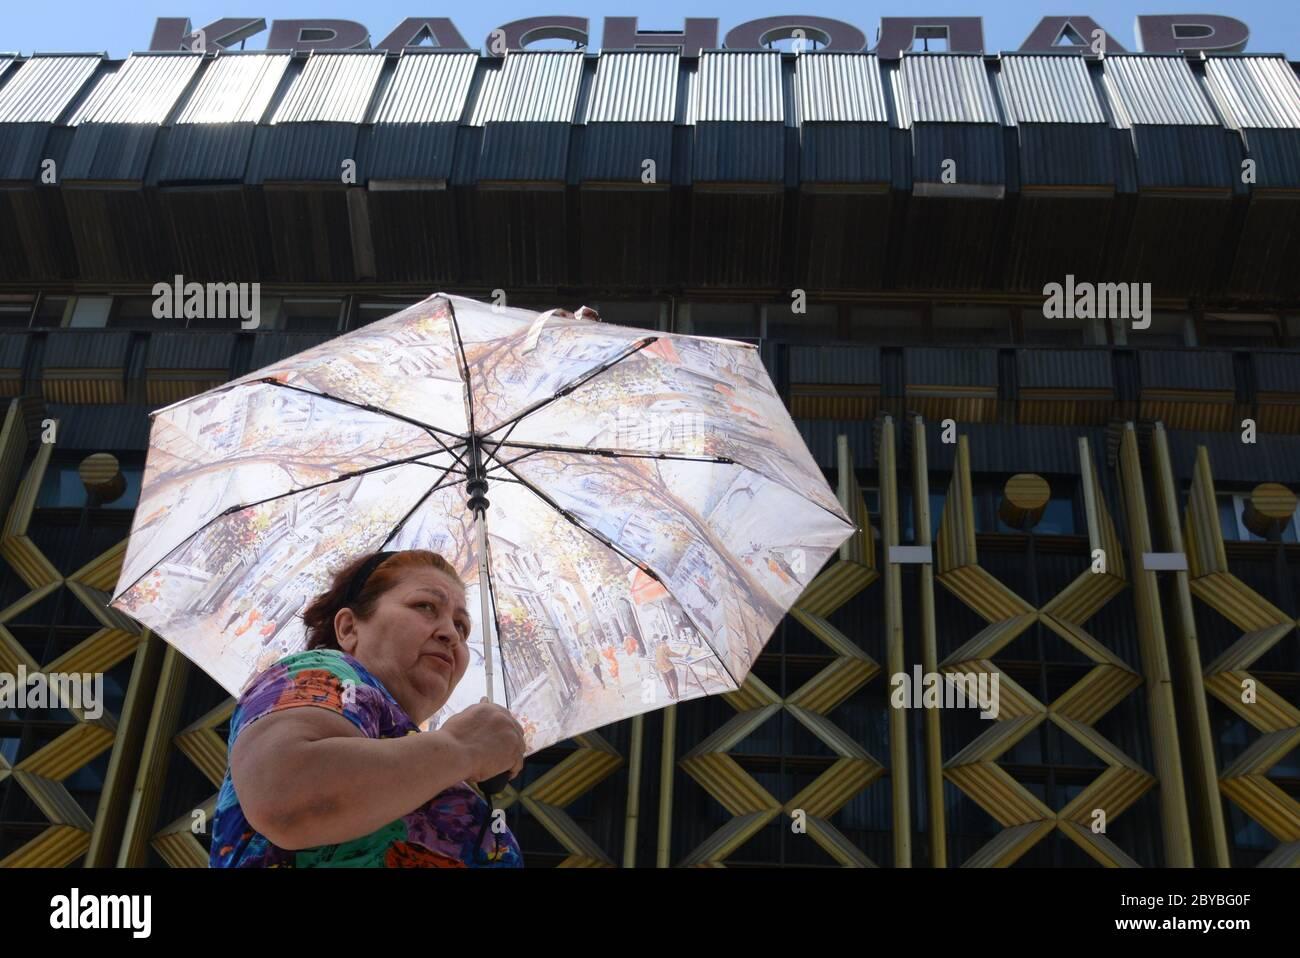 Krasnodar Russia 9th June 2020 A Woman Walks Under An Umbrella In A Street Due To